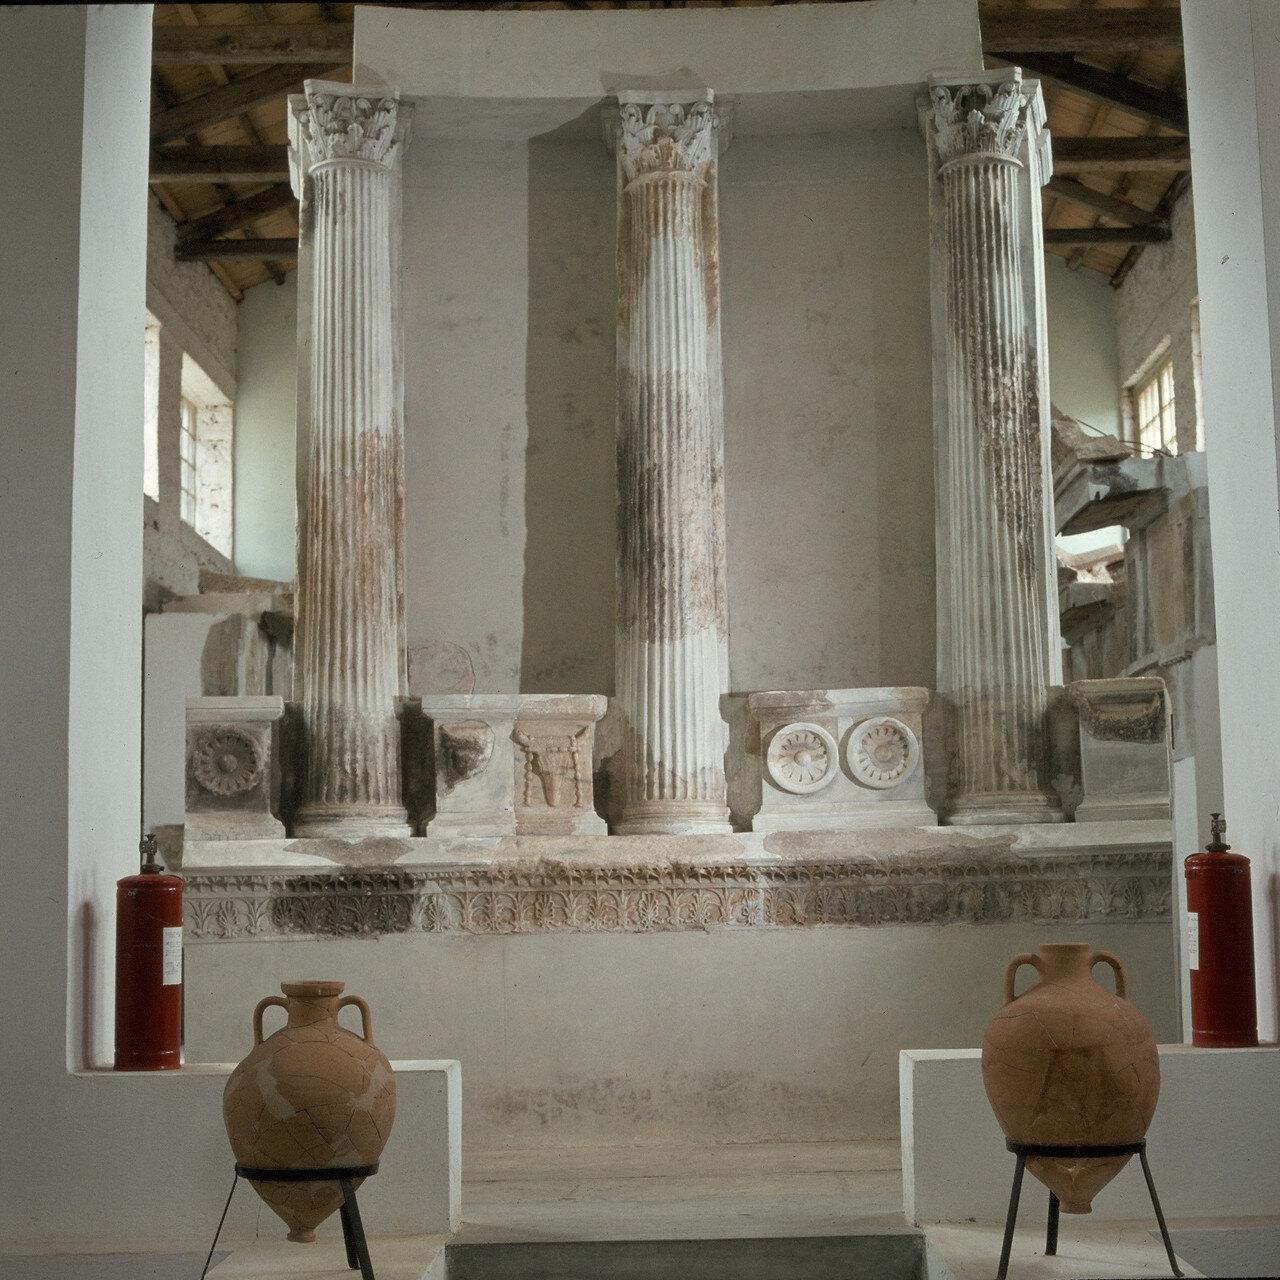 Самофракия. Музей. Колонны карниза Арсинойона начала 3-го века. до н.э.